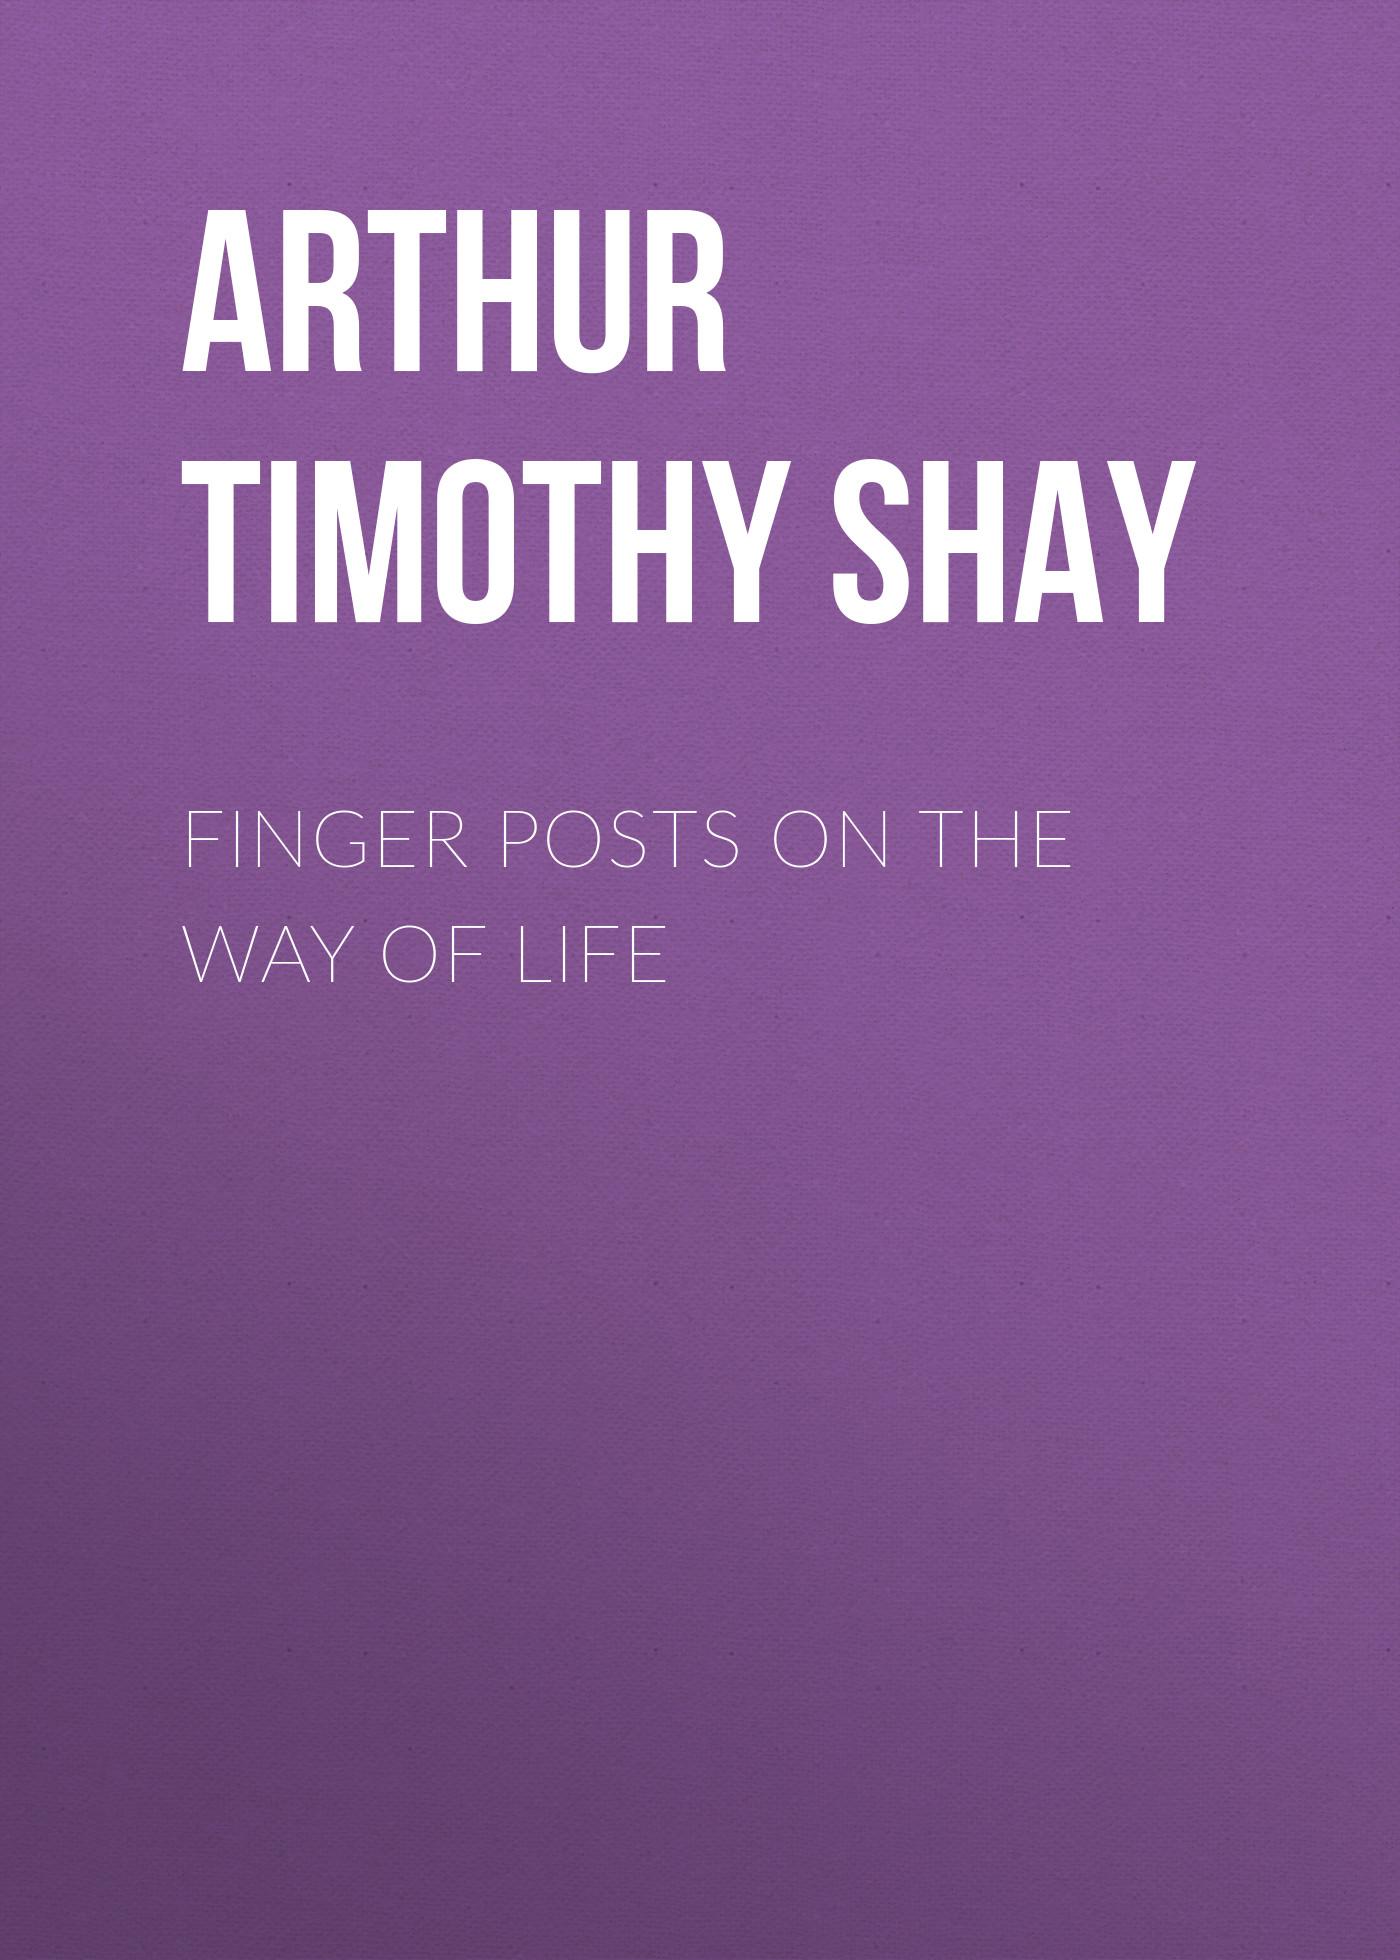 Arthur Timothy Shay Finger Posts on the Way of Life nunan timothy writings on war